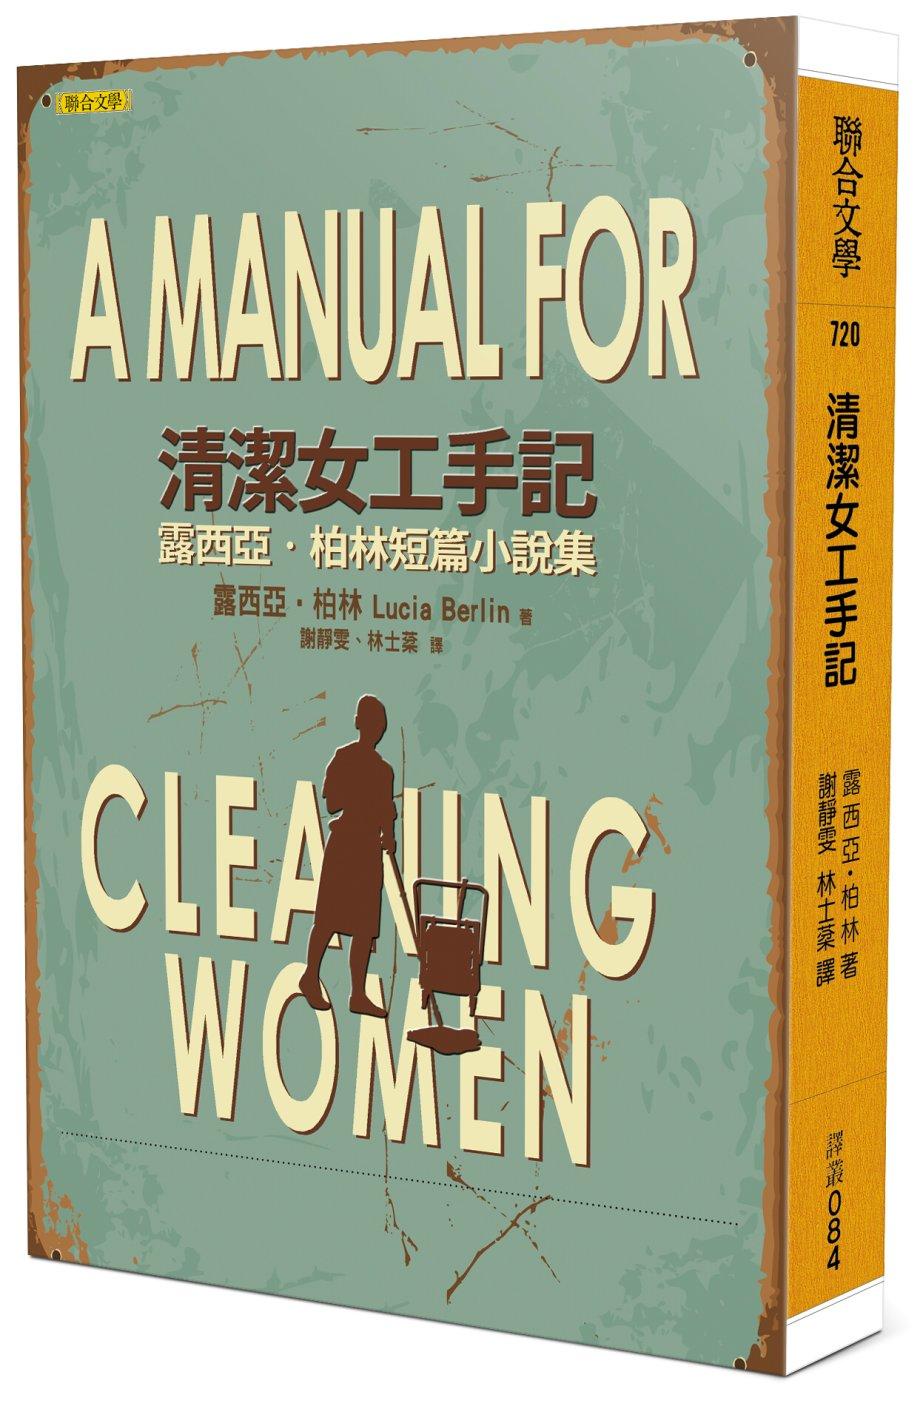 清潔女工手記:露西亞‧柏林短篇小說集